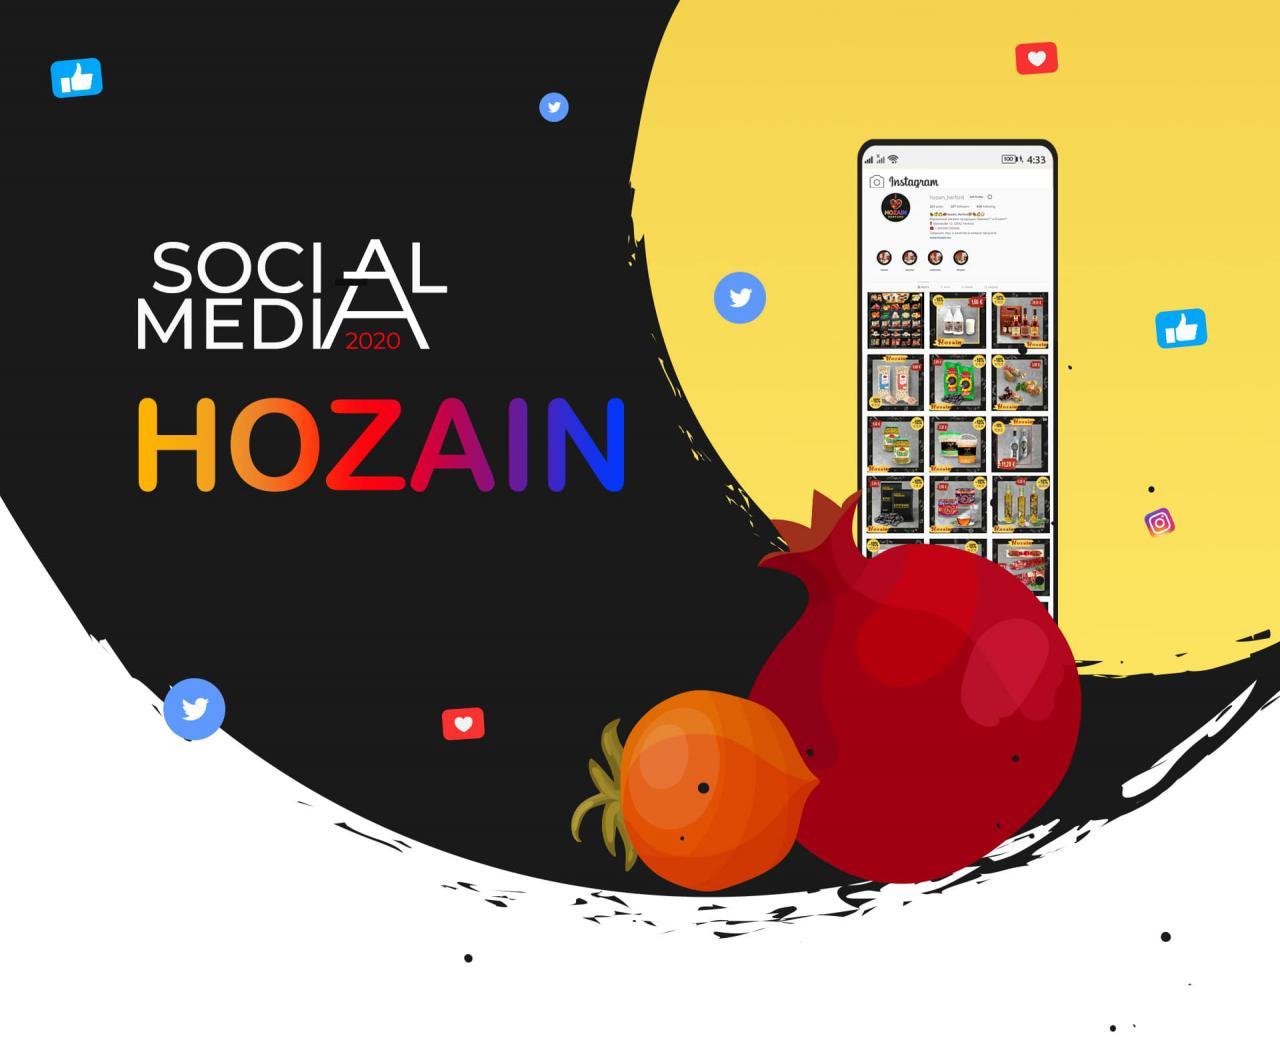 socialmedia design